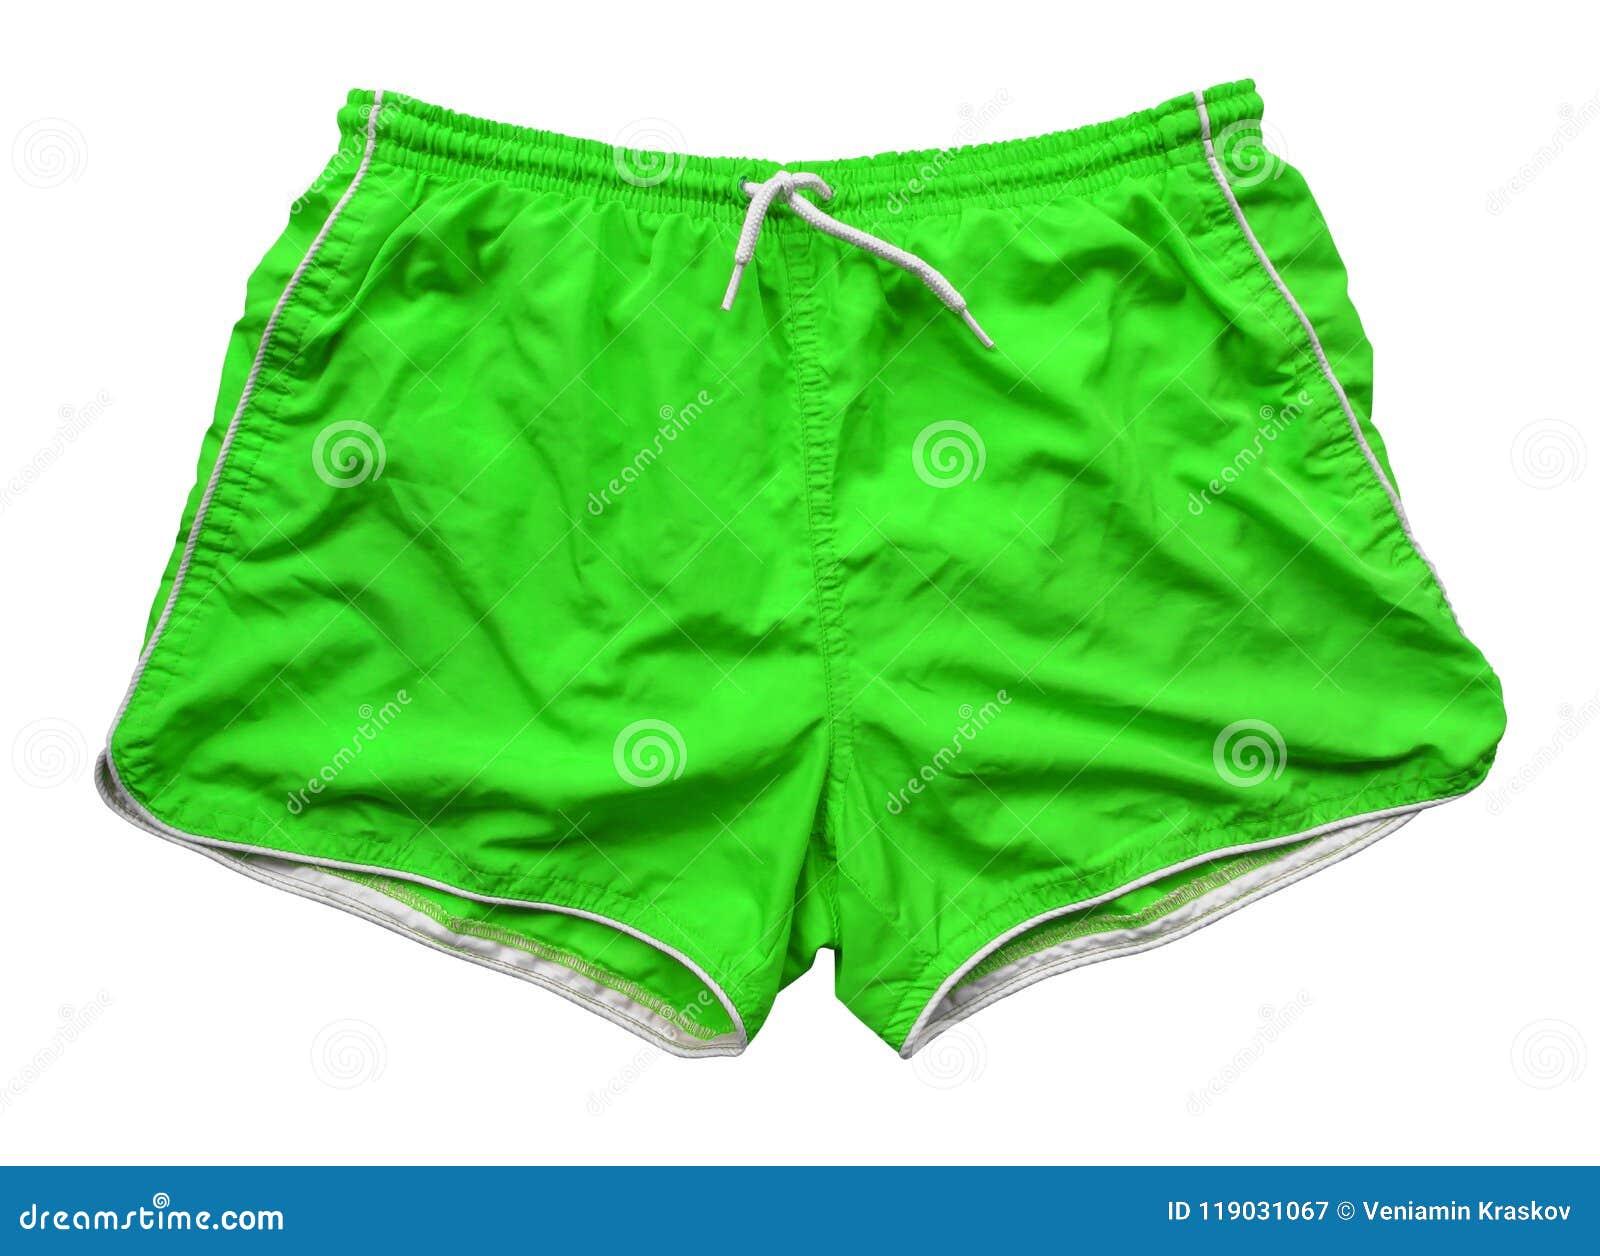 Pantalones Cortos De La Natacion Verde Imagen De Archivo Imagen De Verde Cortos 119031067